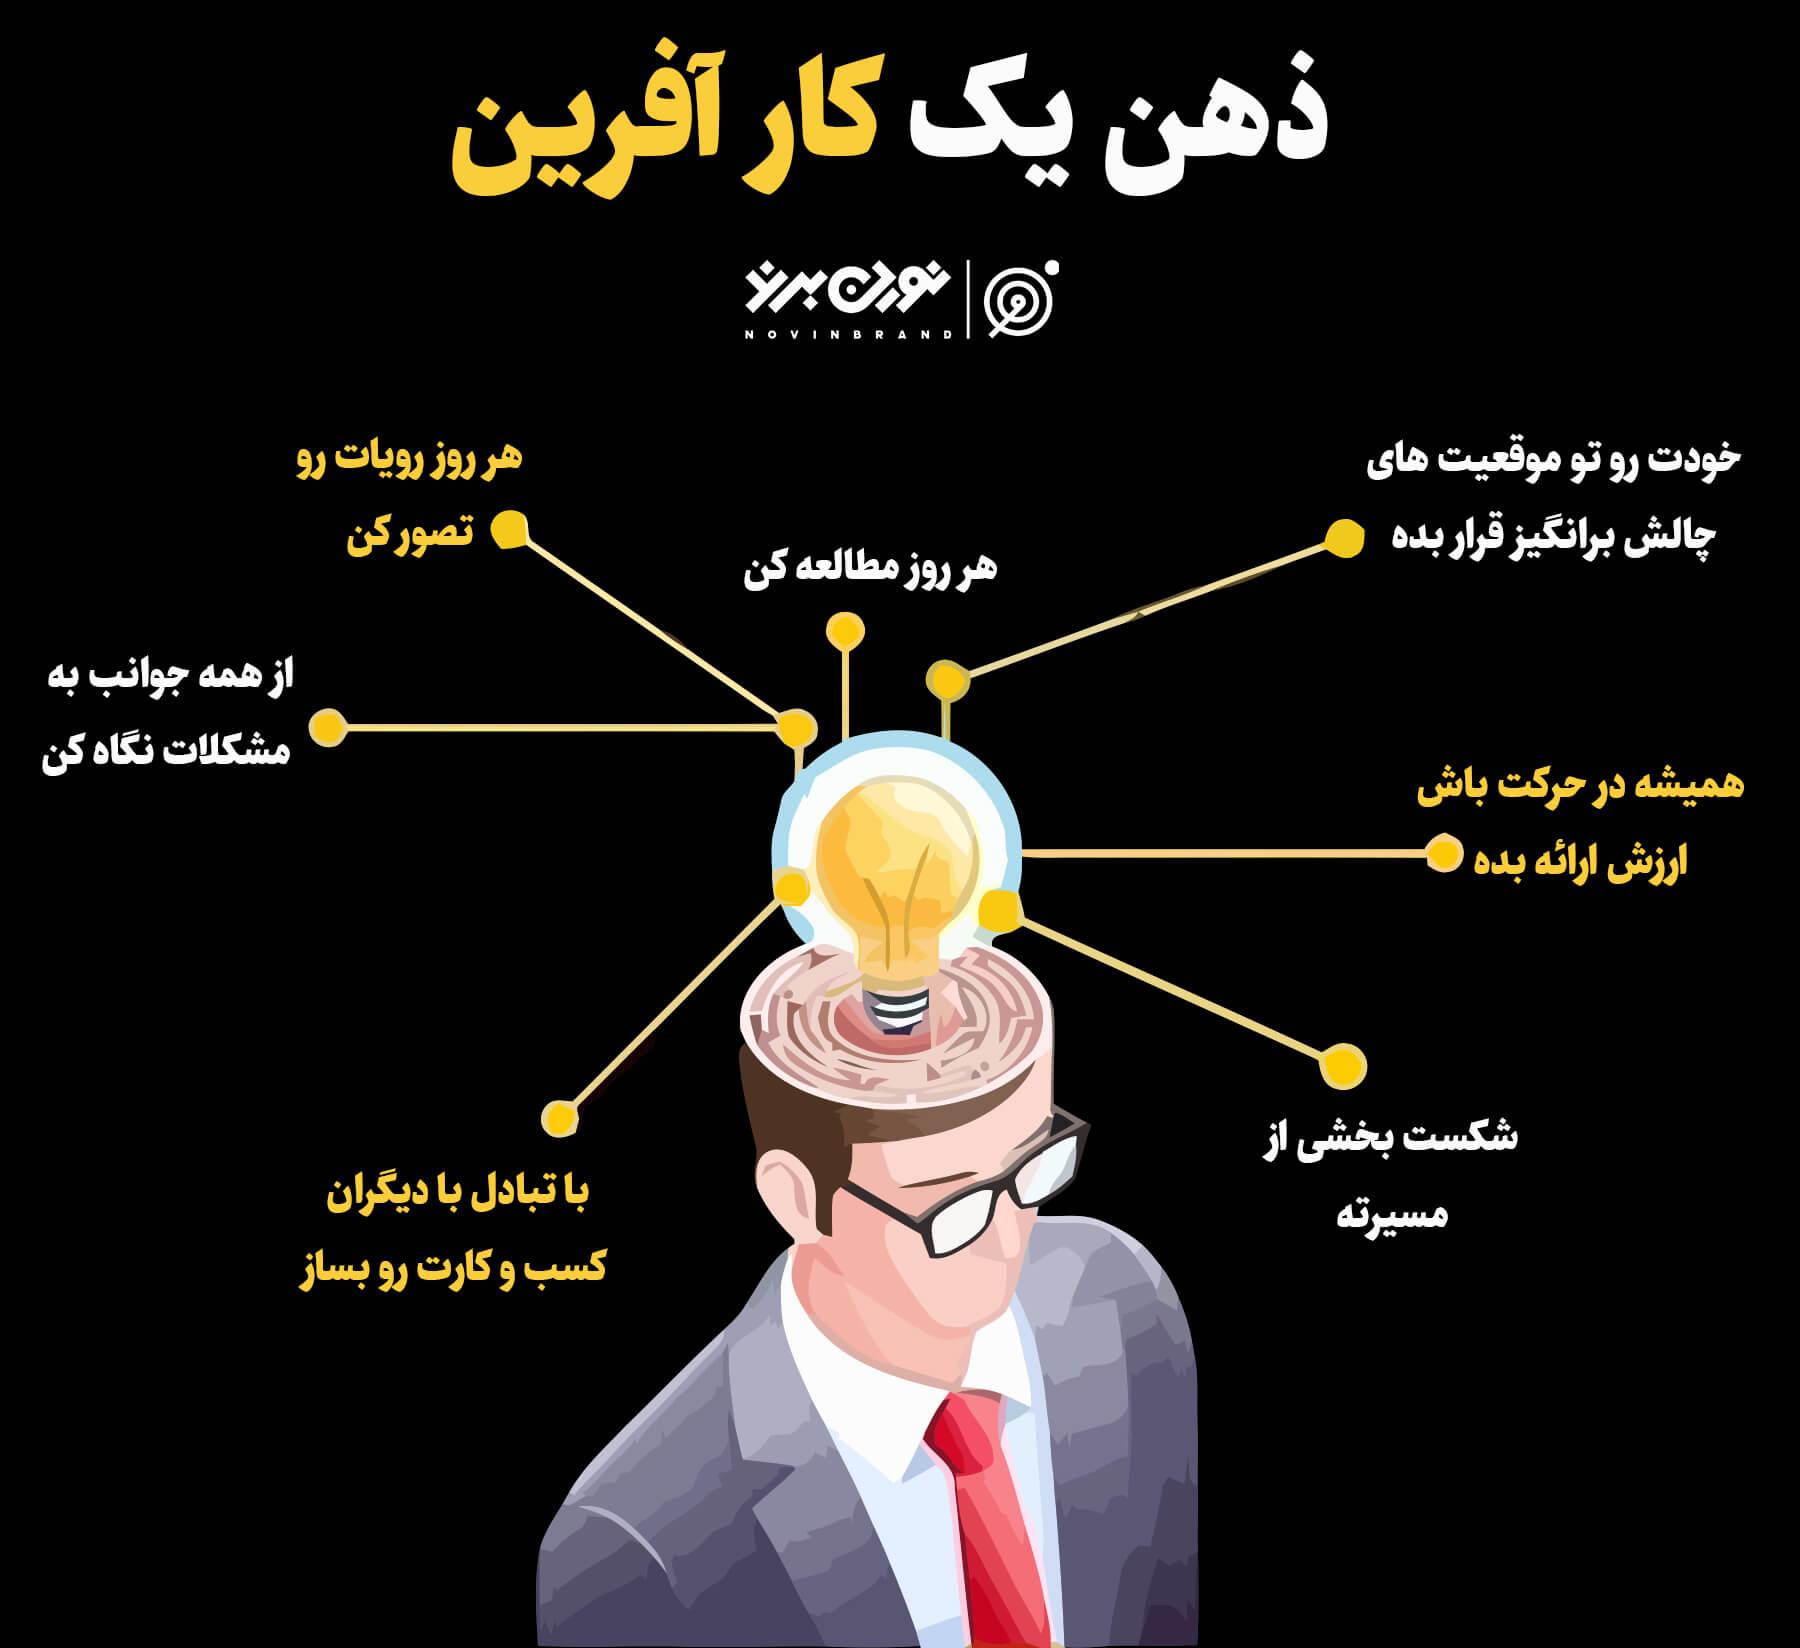 ذهن یک کار آفرین